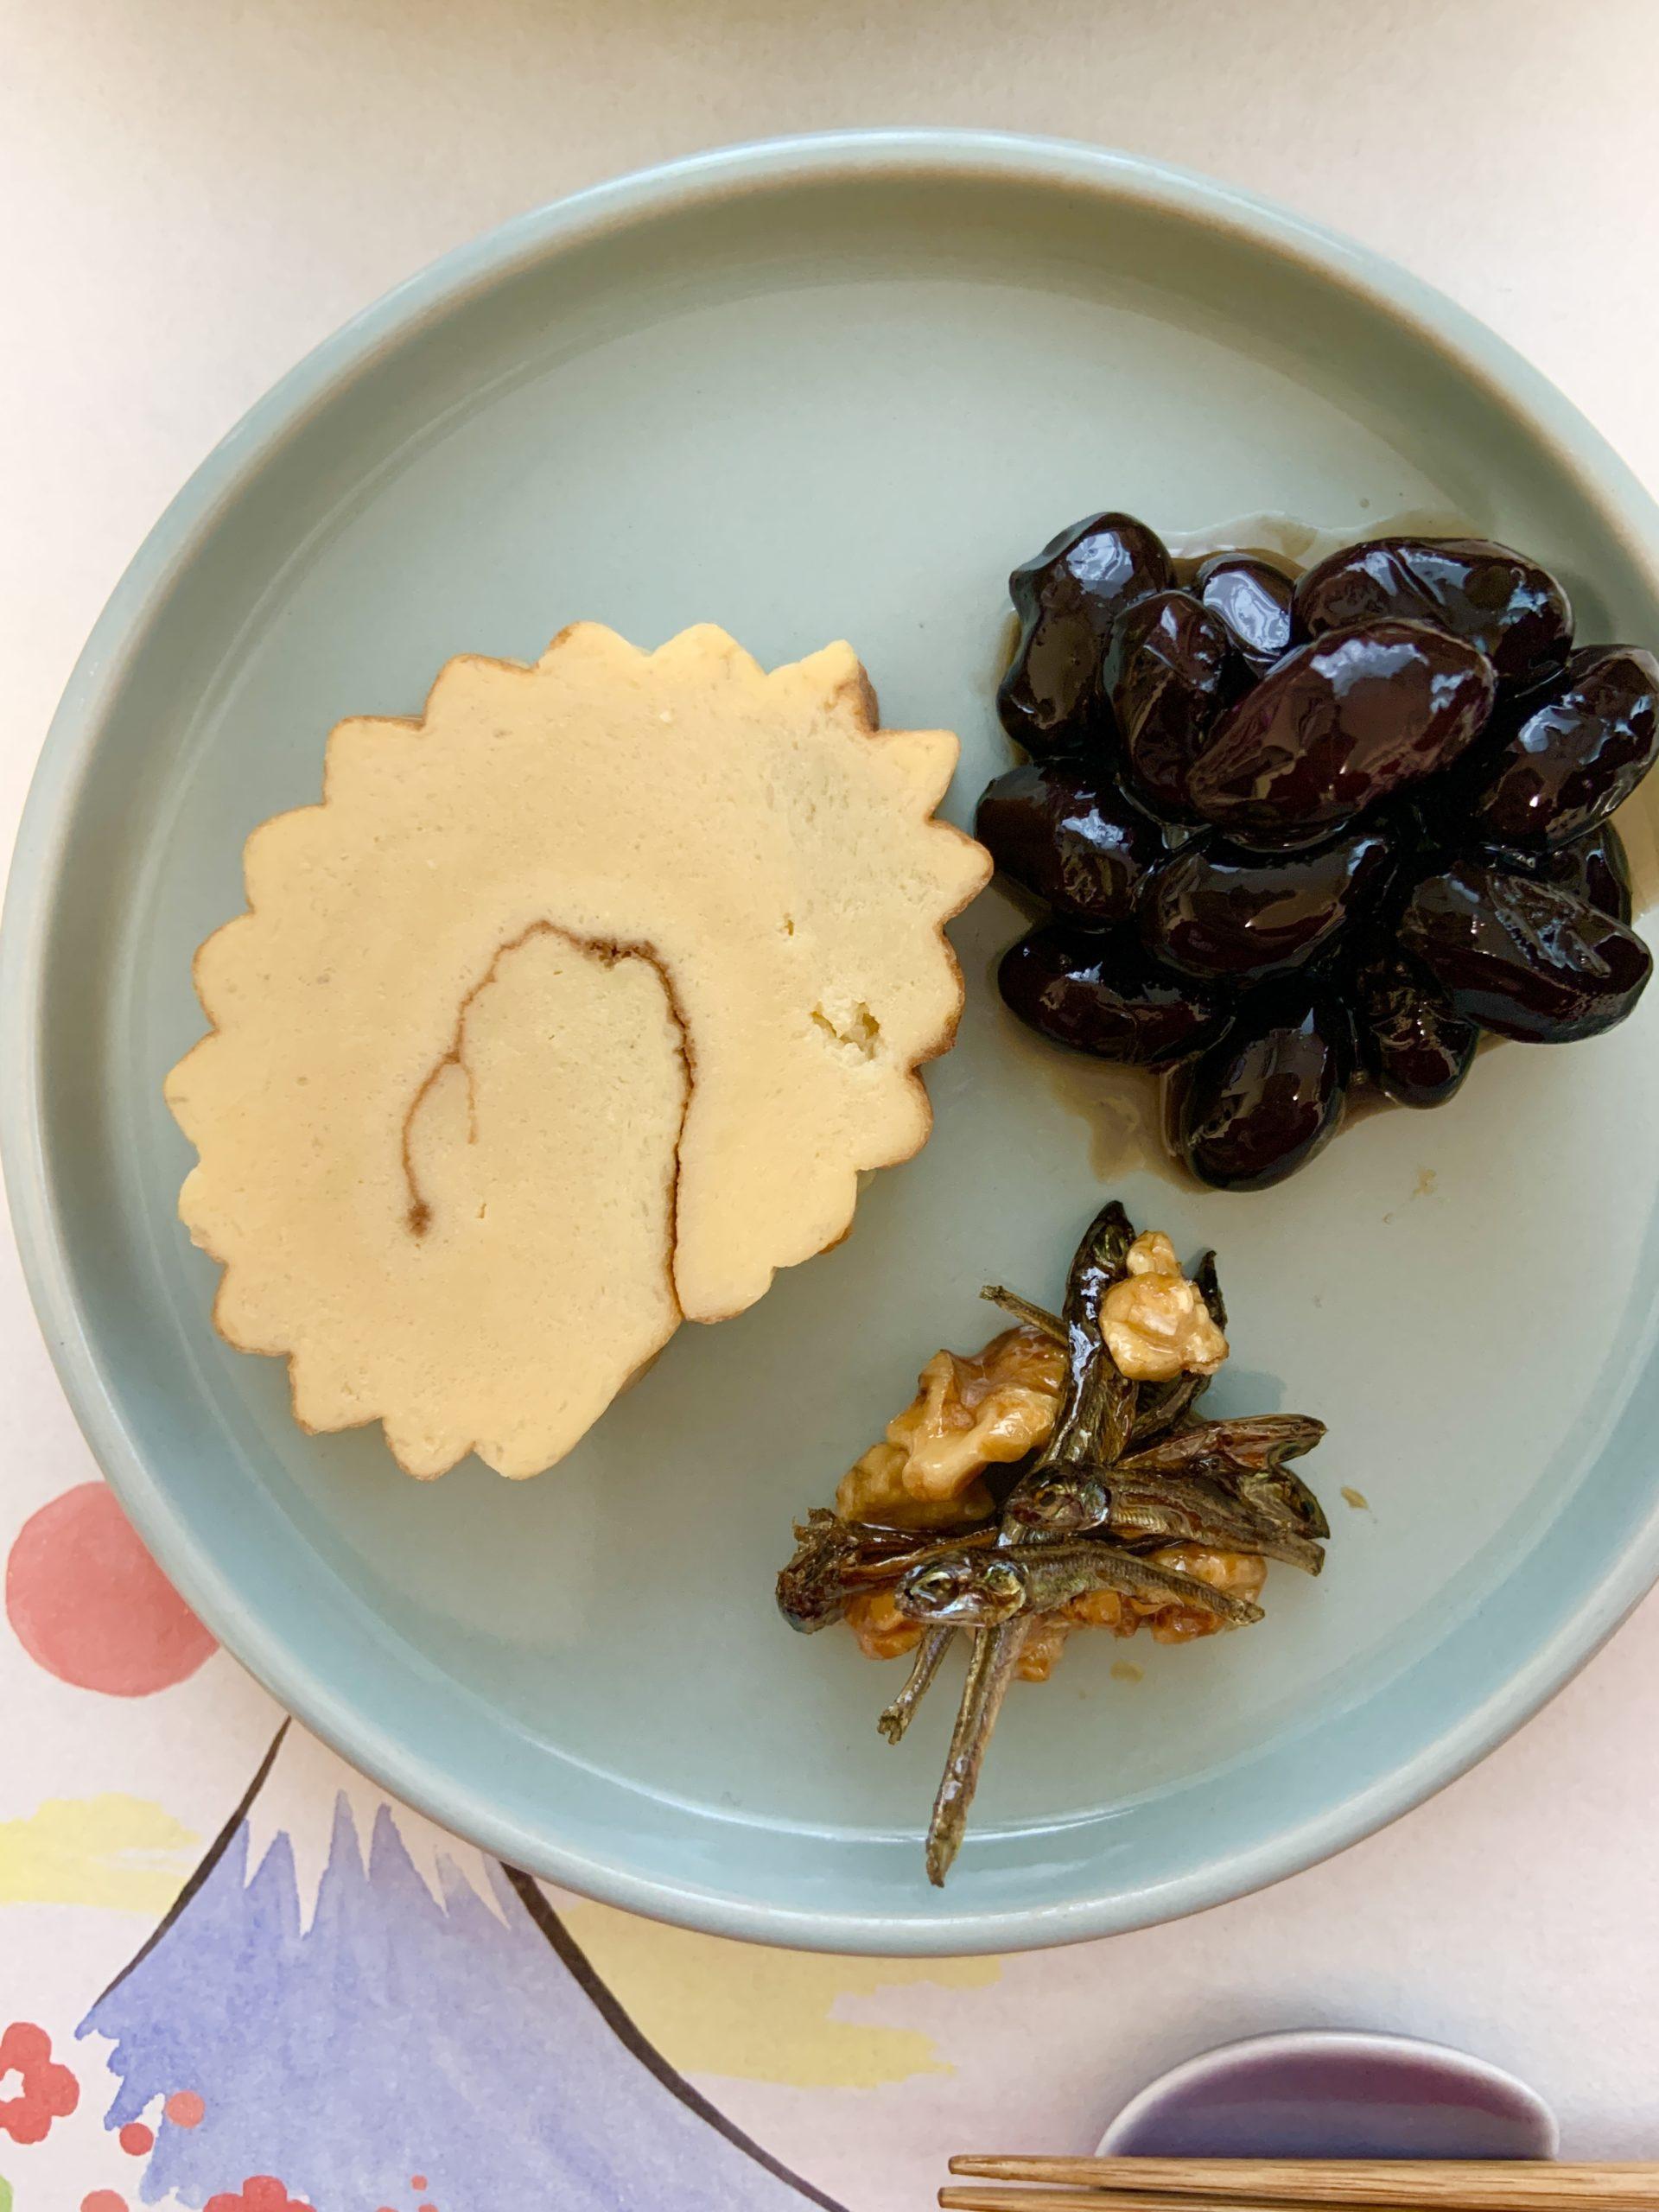 お正月料理:伊達巻・黒まめセット